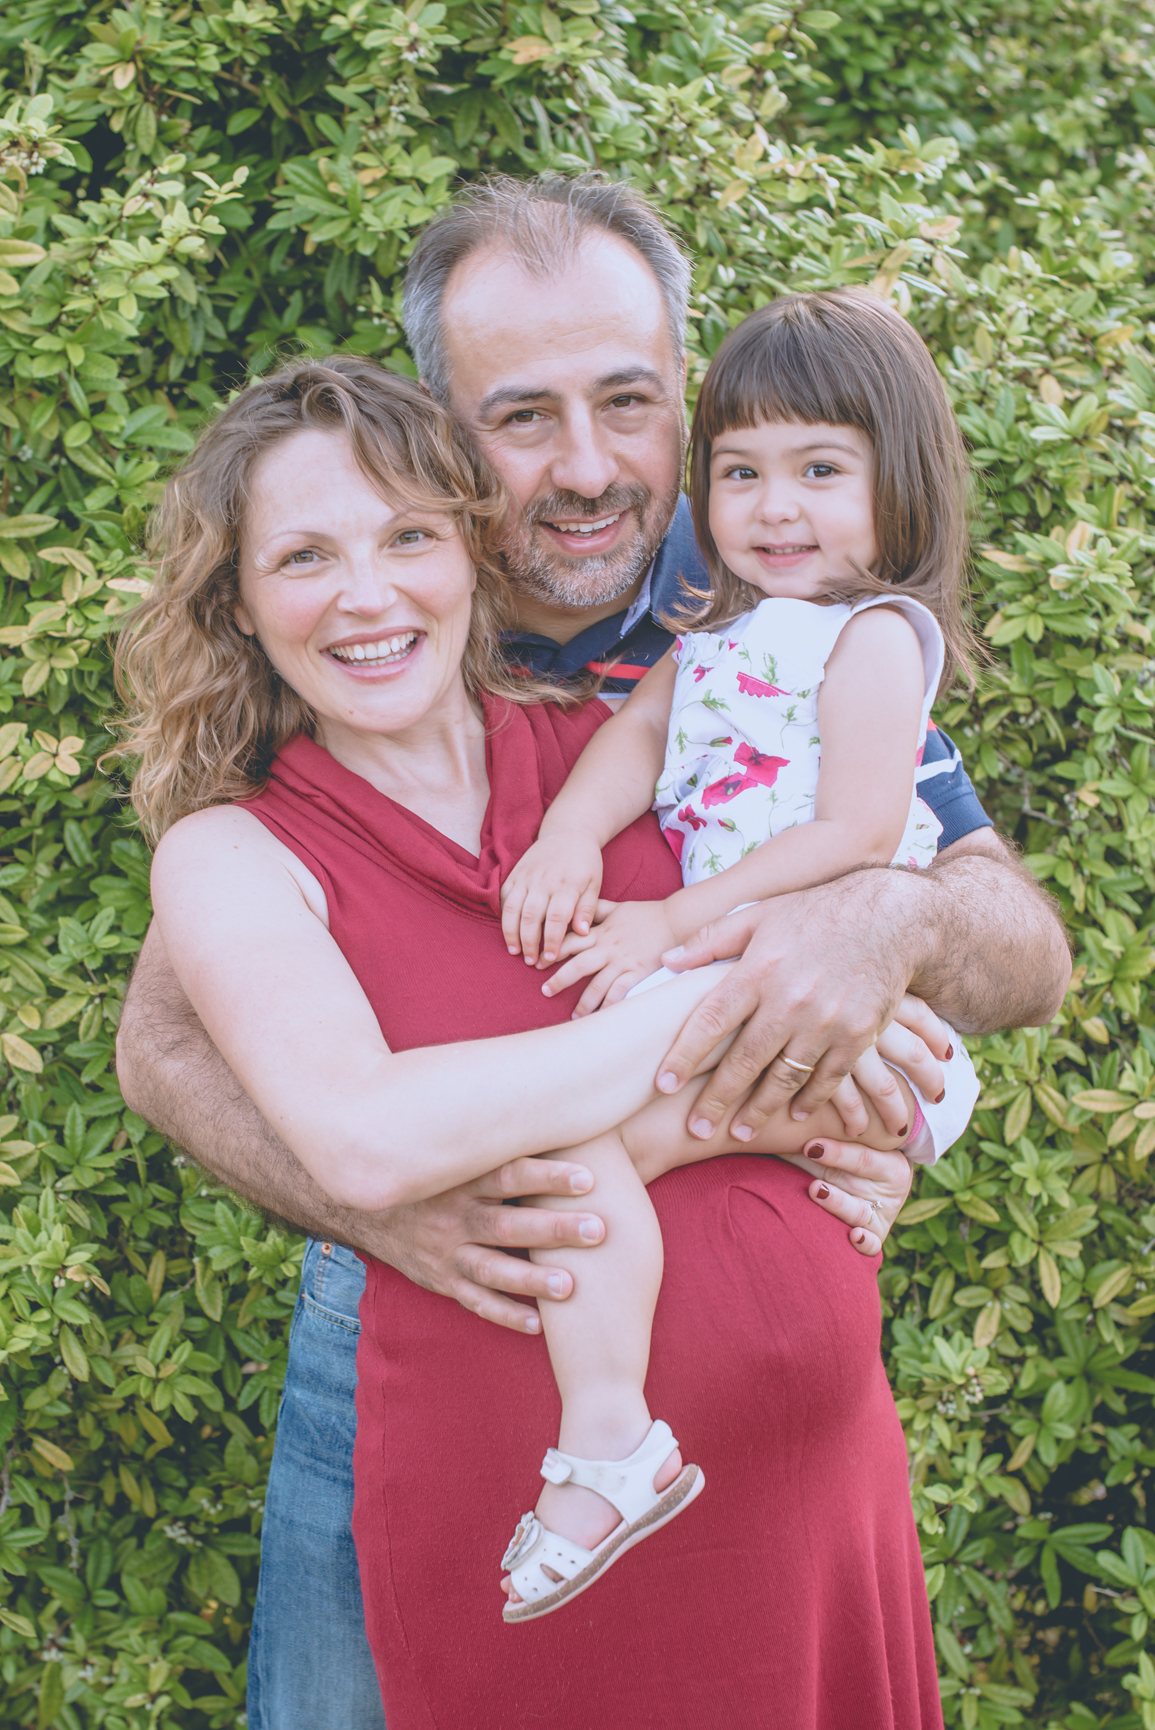 Silvia_Maternity_Family-51.jpg